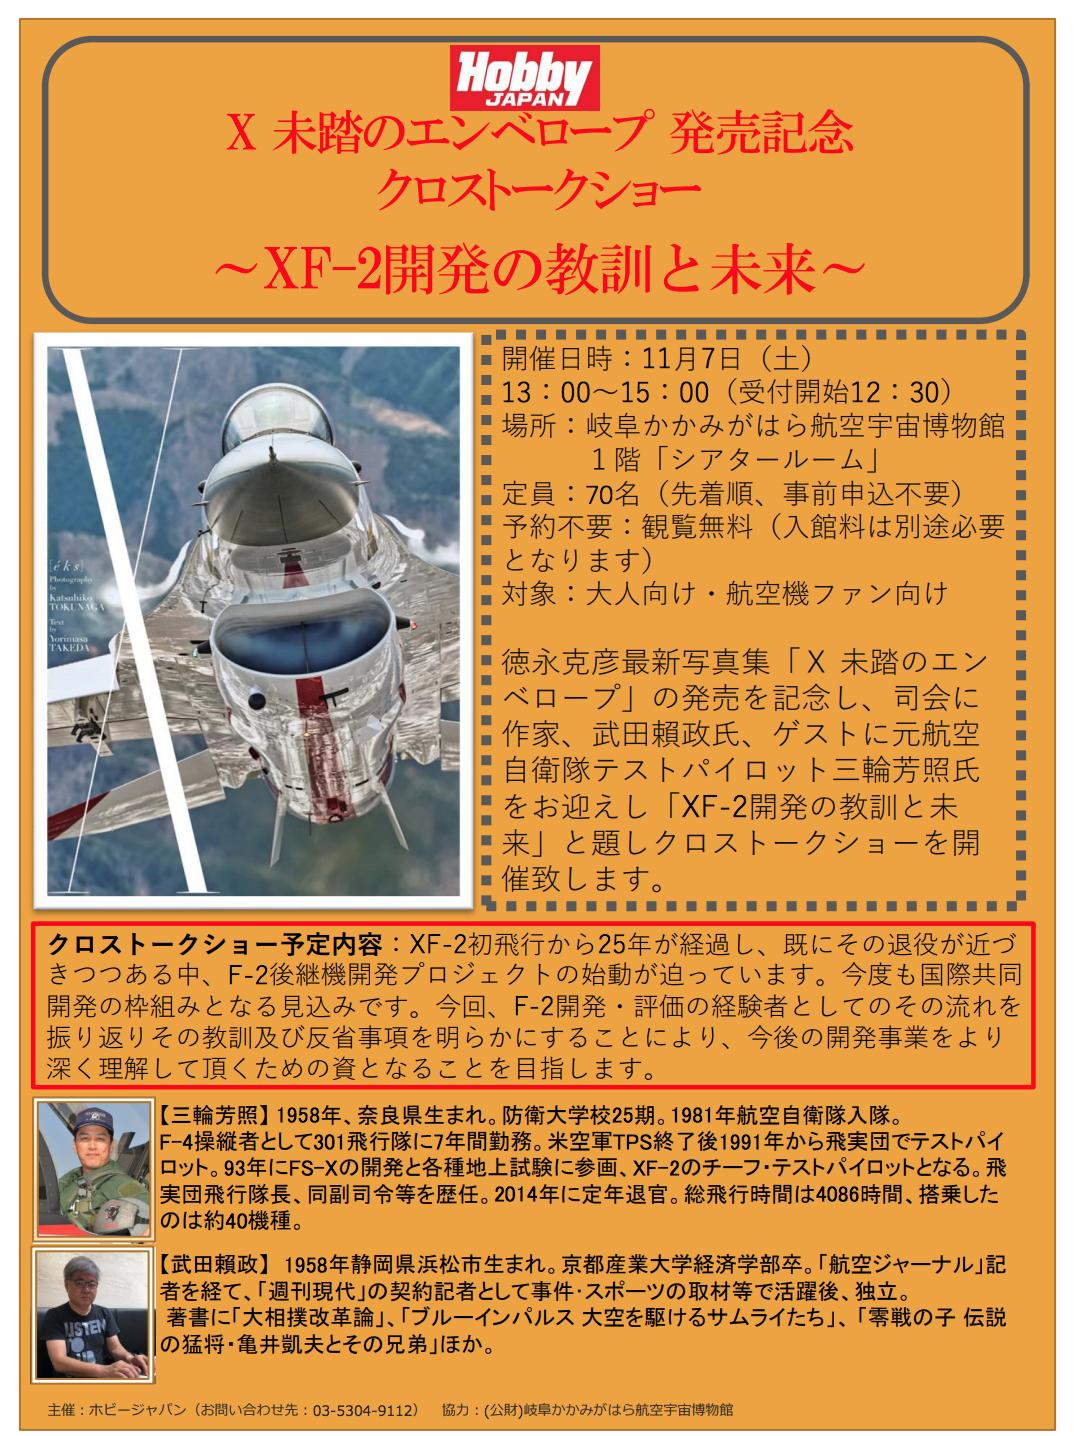 ニュース画像 1枚目:クロストークショー「XF-2開発の教訓と未来」